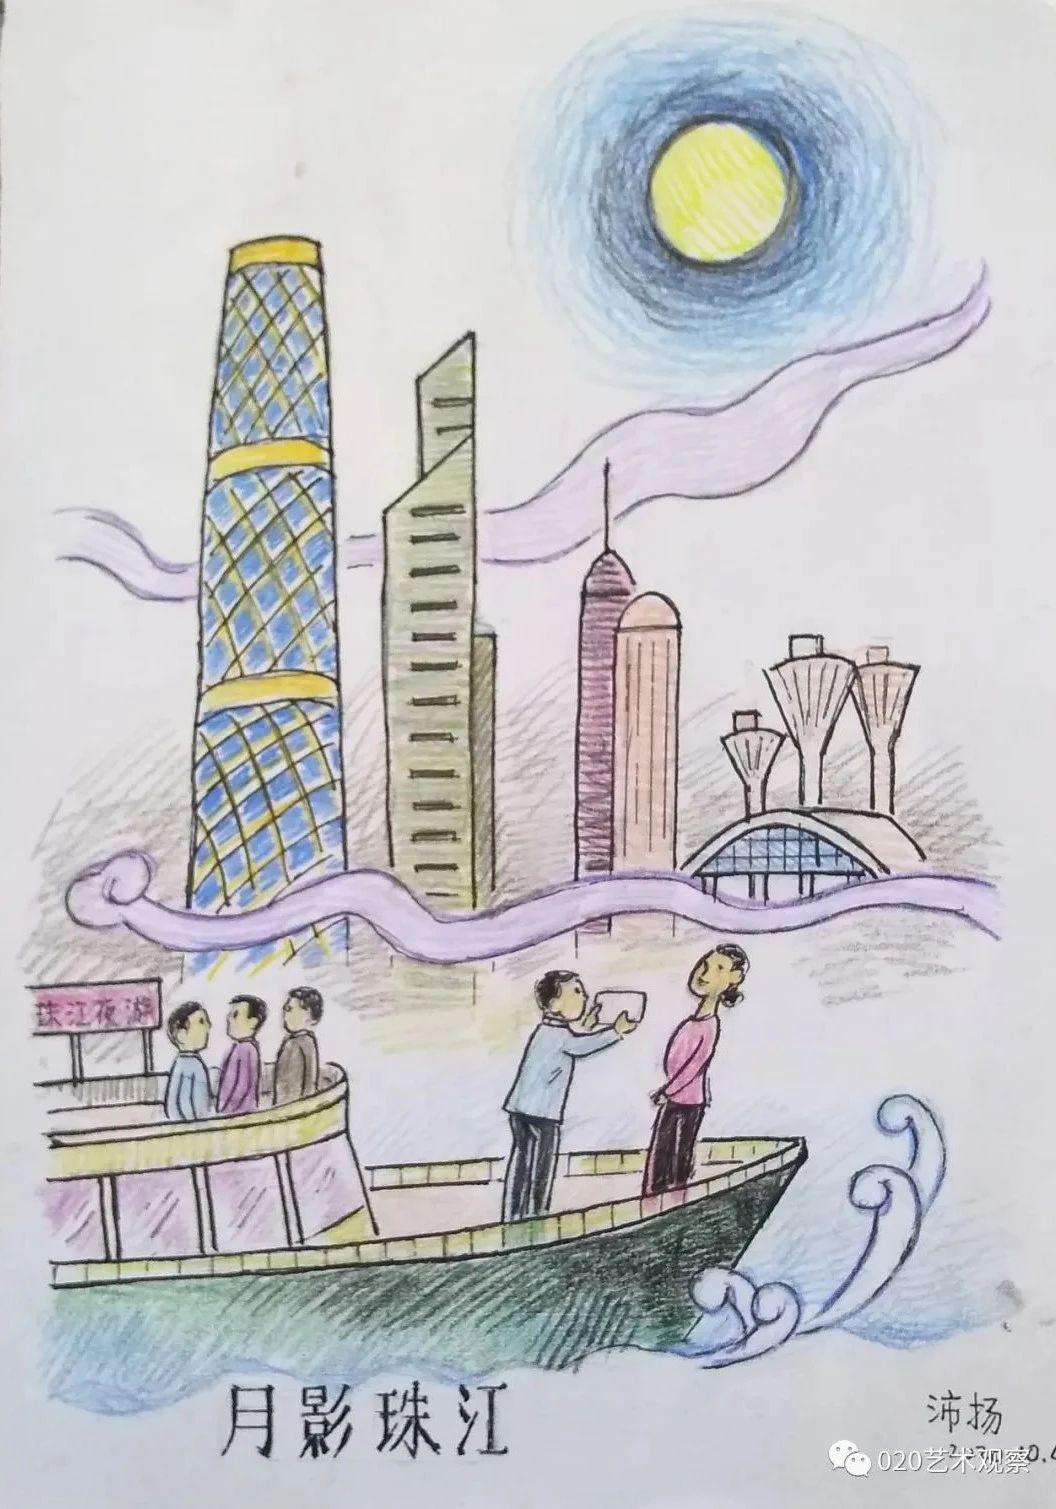 江沛扬:月影珠江水